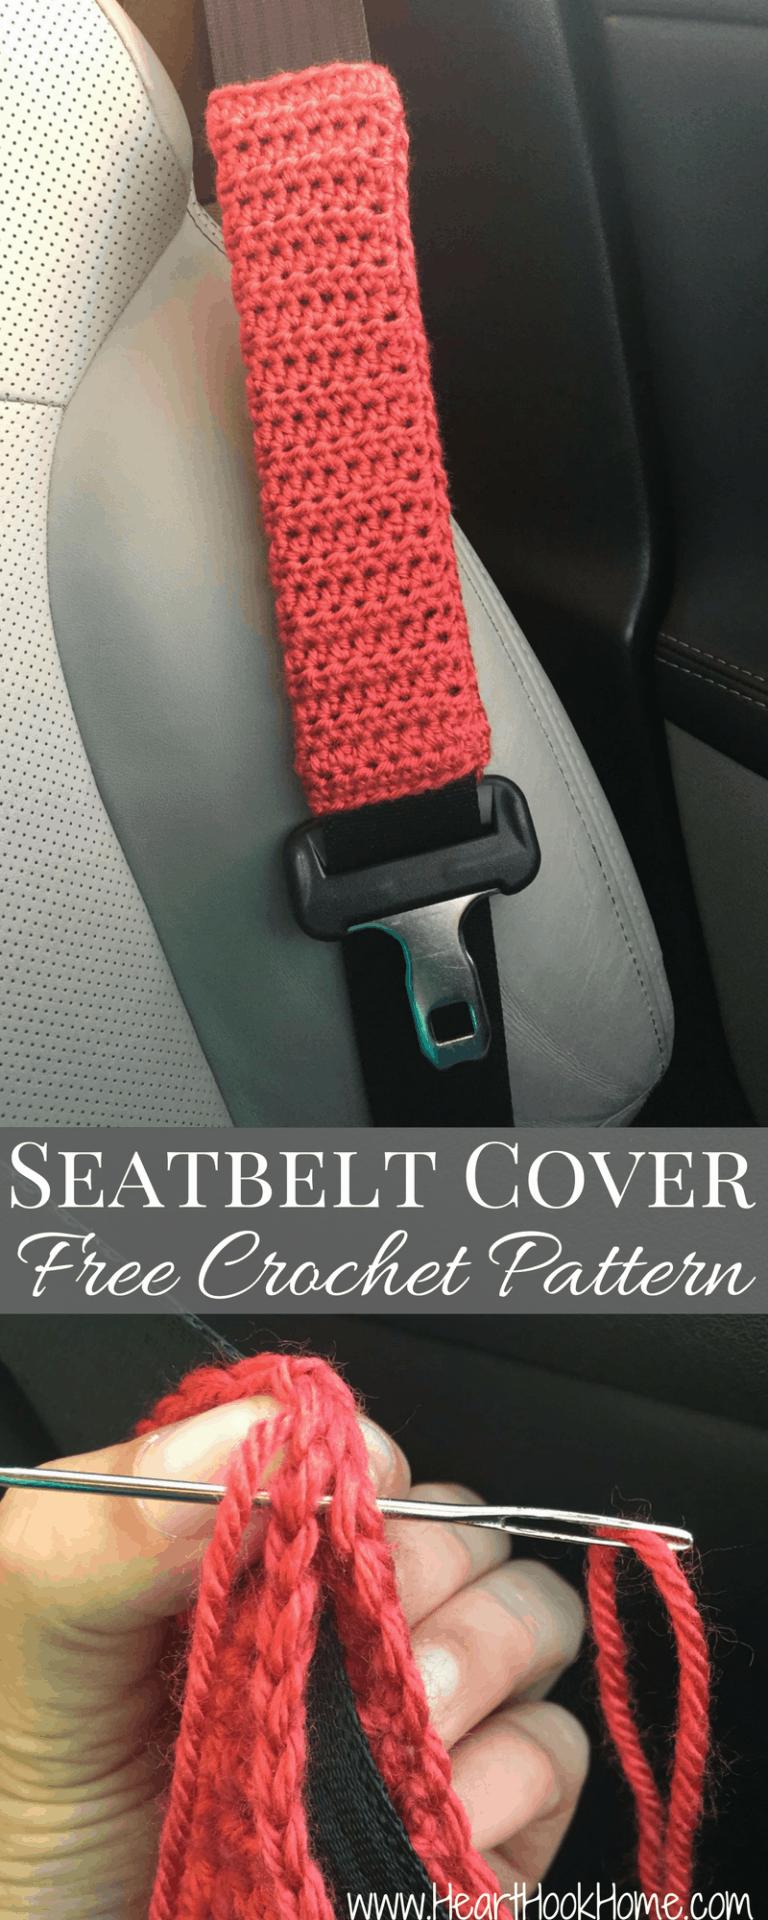 Seatbelt Cover Free Crochet Pattern